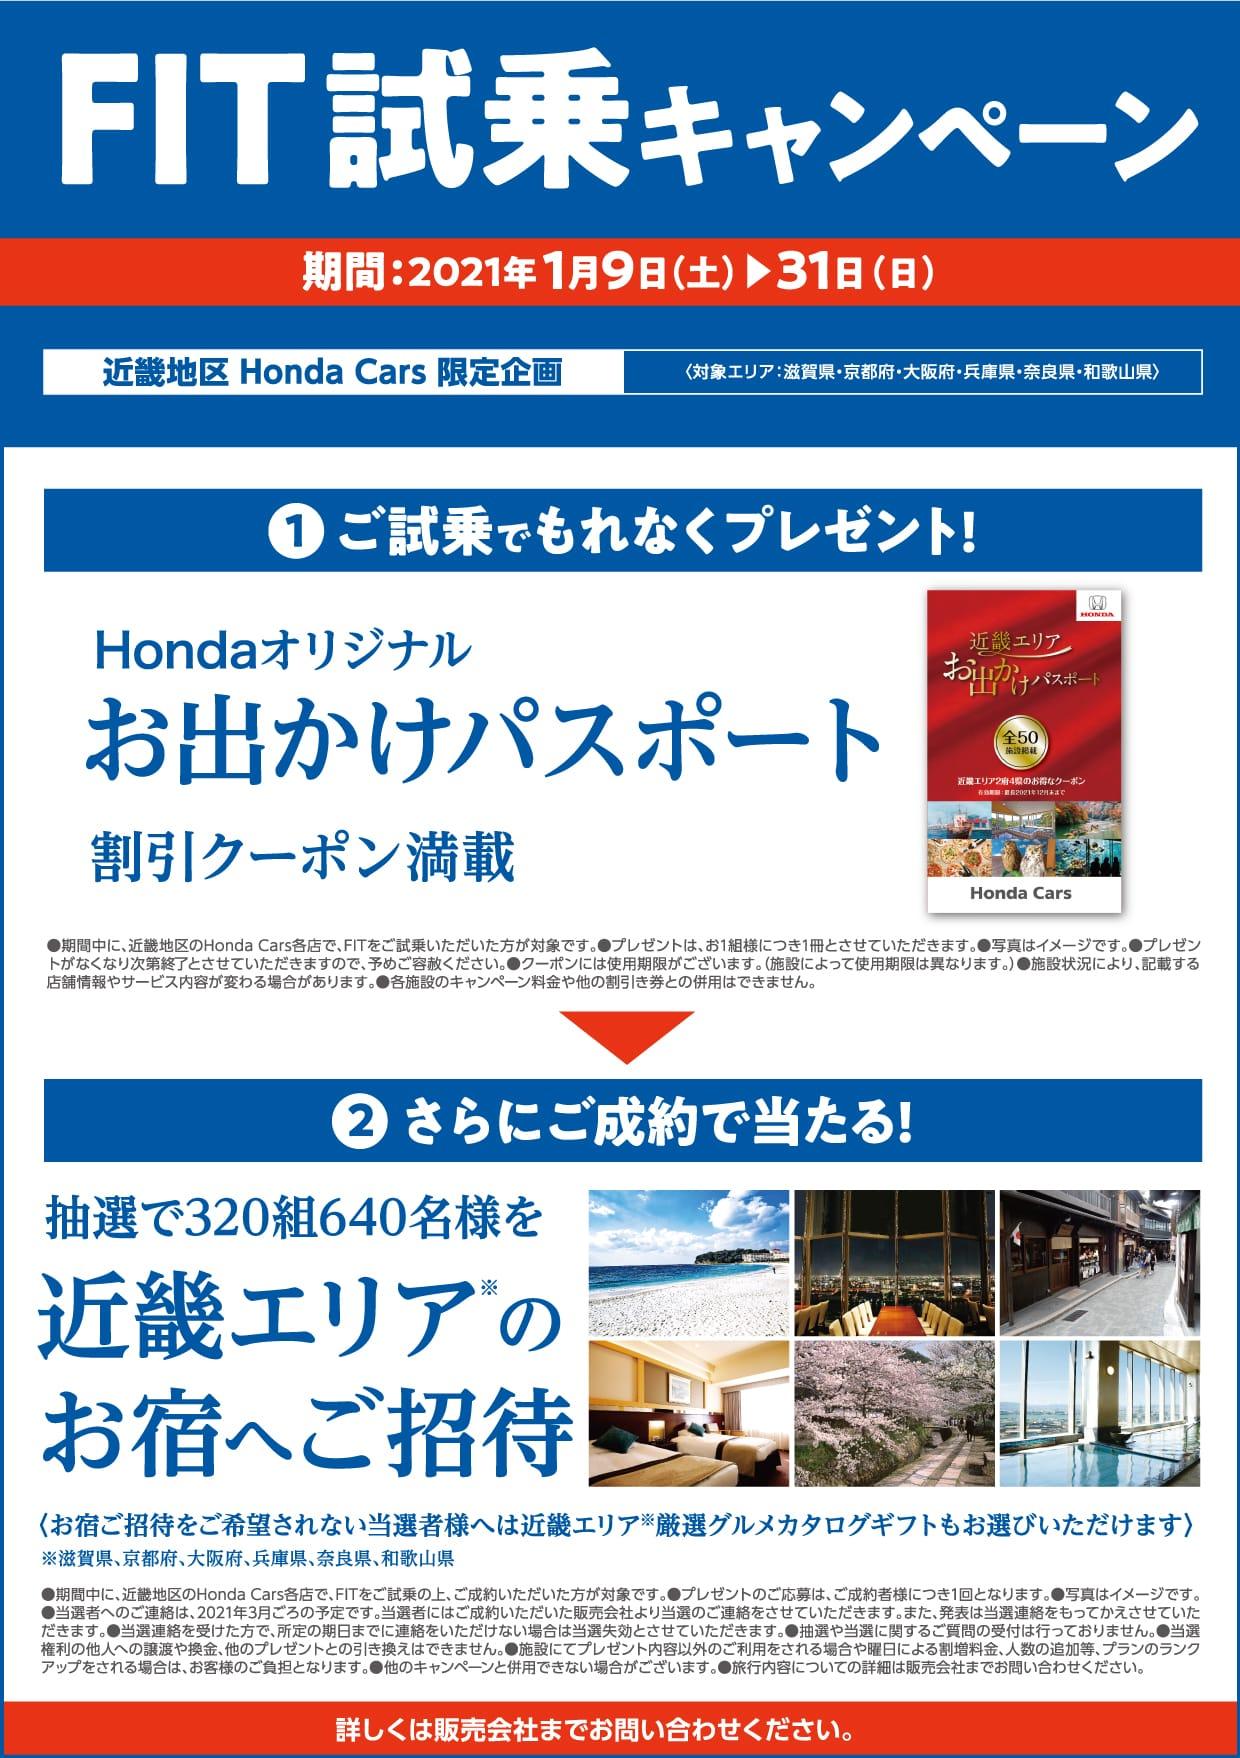 2021年1月9日(土)~31日(日) FIT試乗キャンペーン